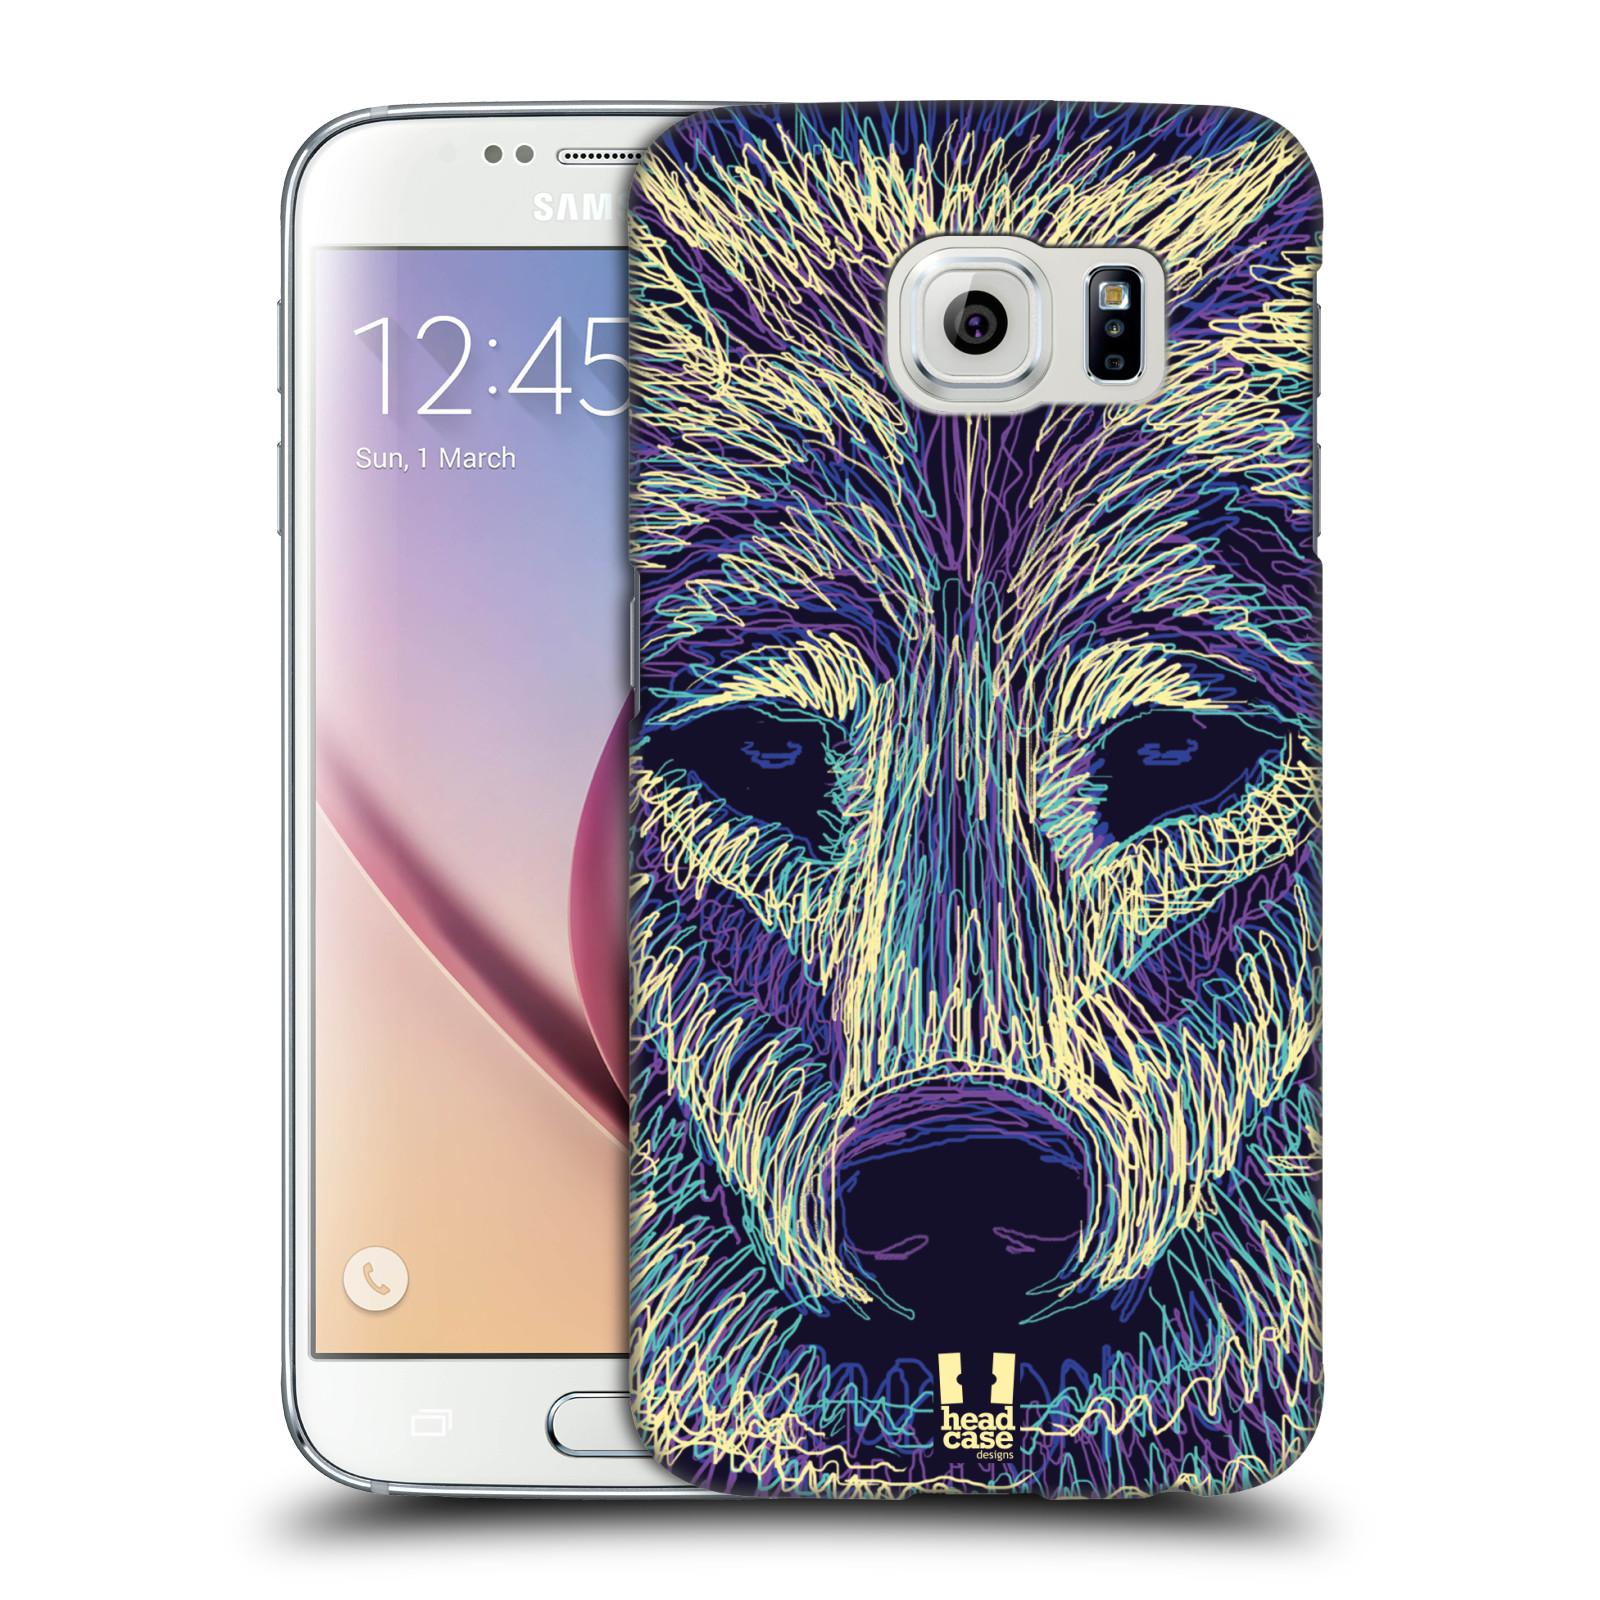 HEAD CASE plastový obal na mobil SAMSUNG Galaxy S6 (G9200, G920F) vzor zvíře čmáranice vlk